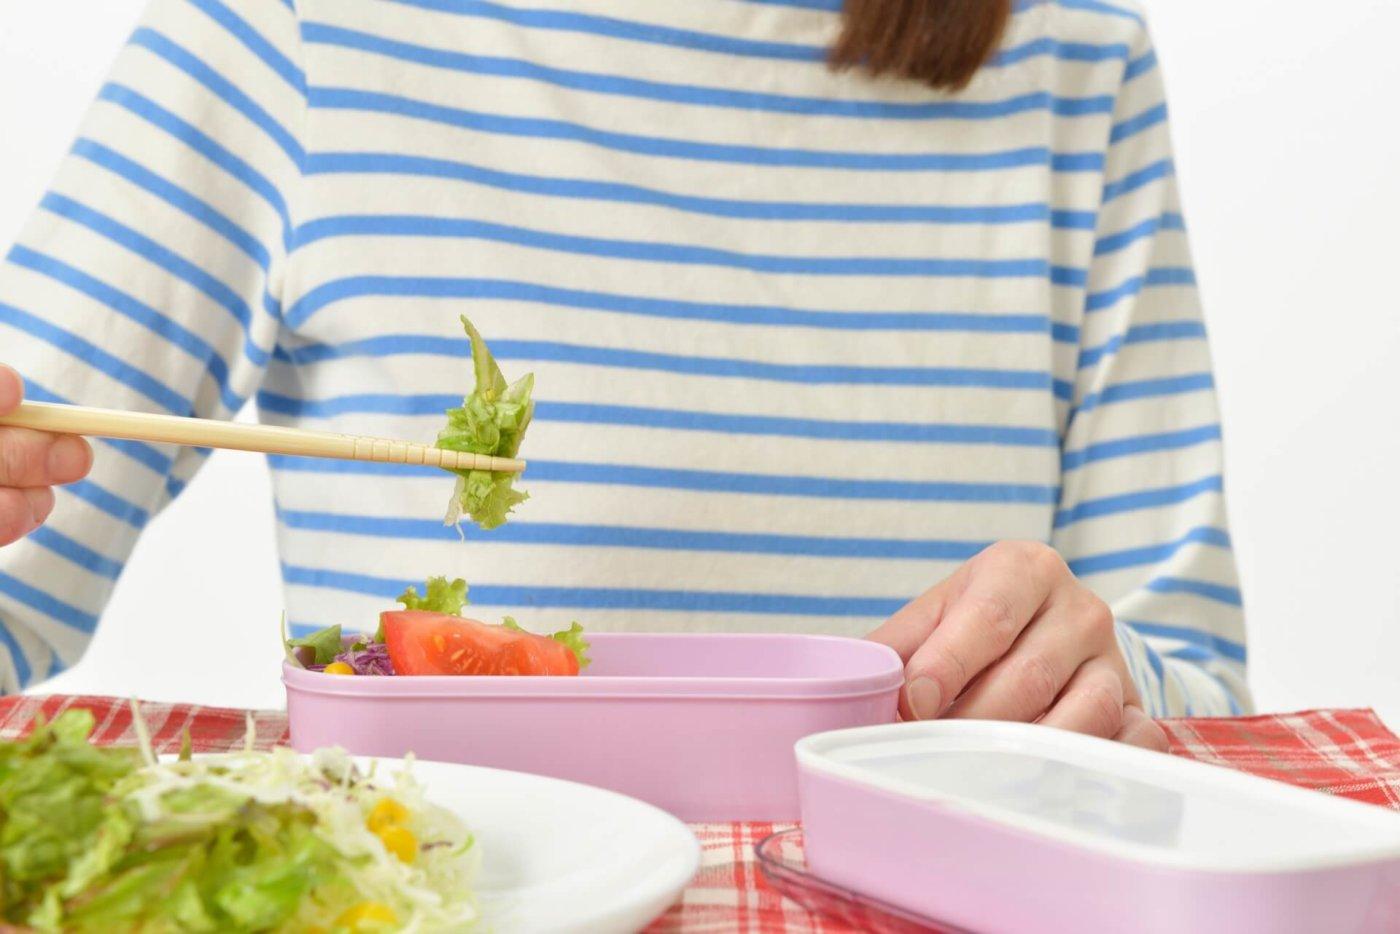 タッパじゃ可愛くない!ピクニックにぴったりのお弁当箱をみつけよう